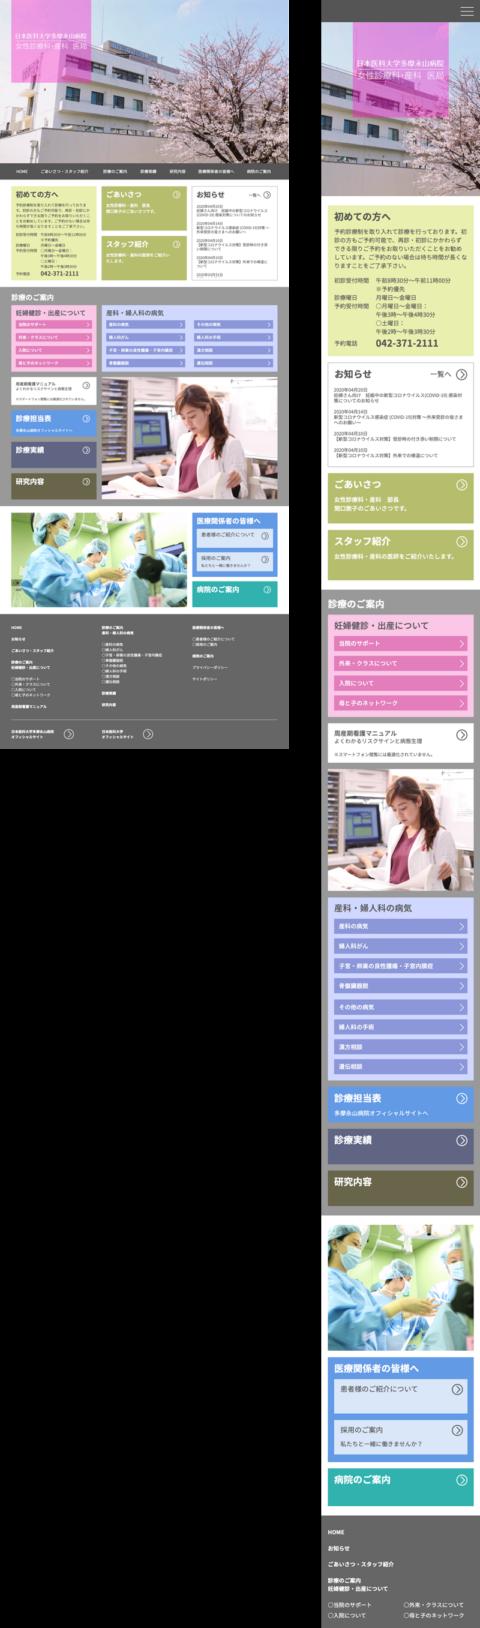 日本医科大学多摩永山病院女性診療科・産科 Webサイト